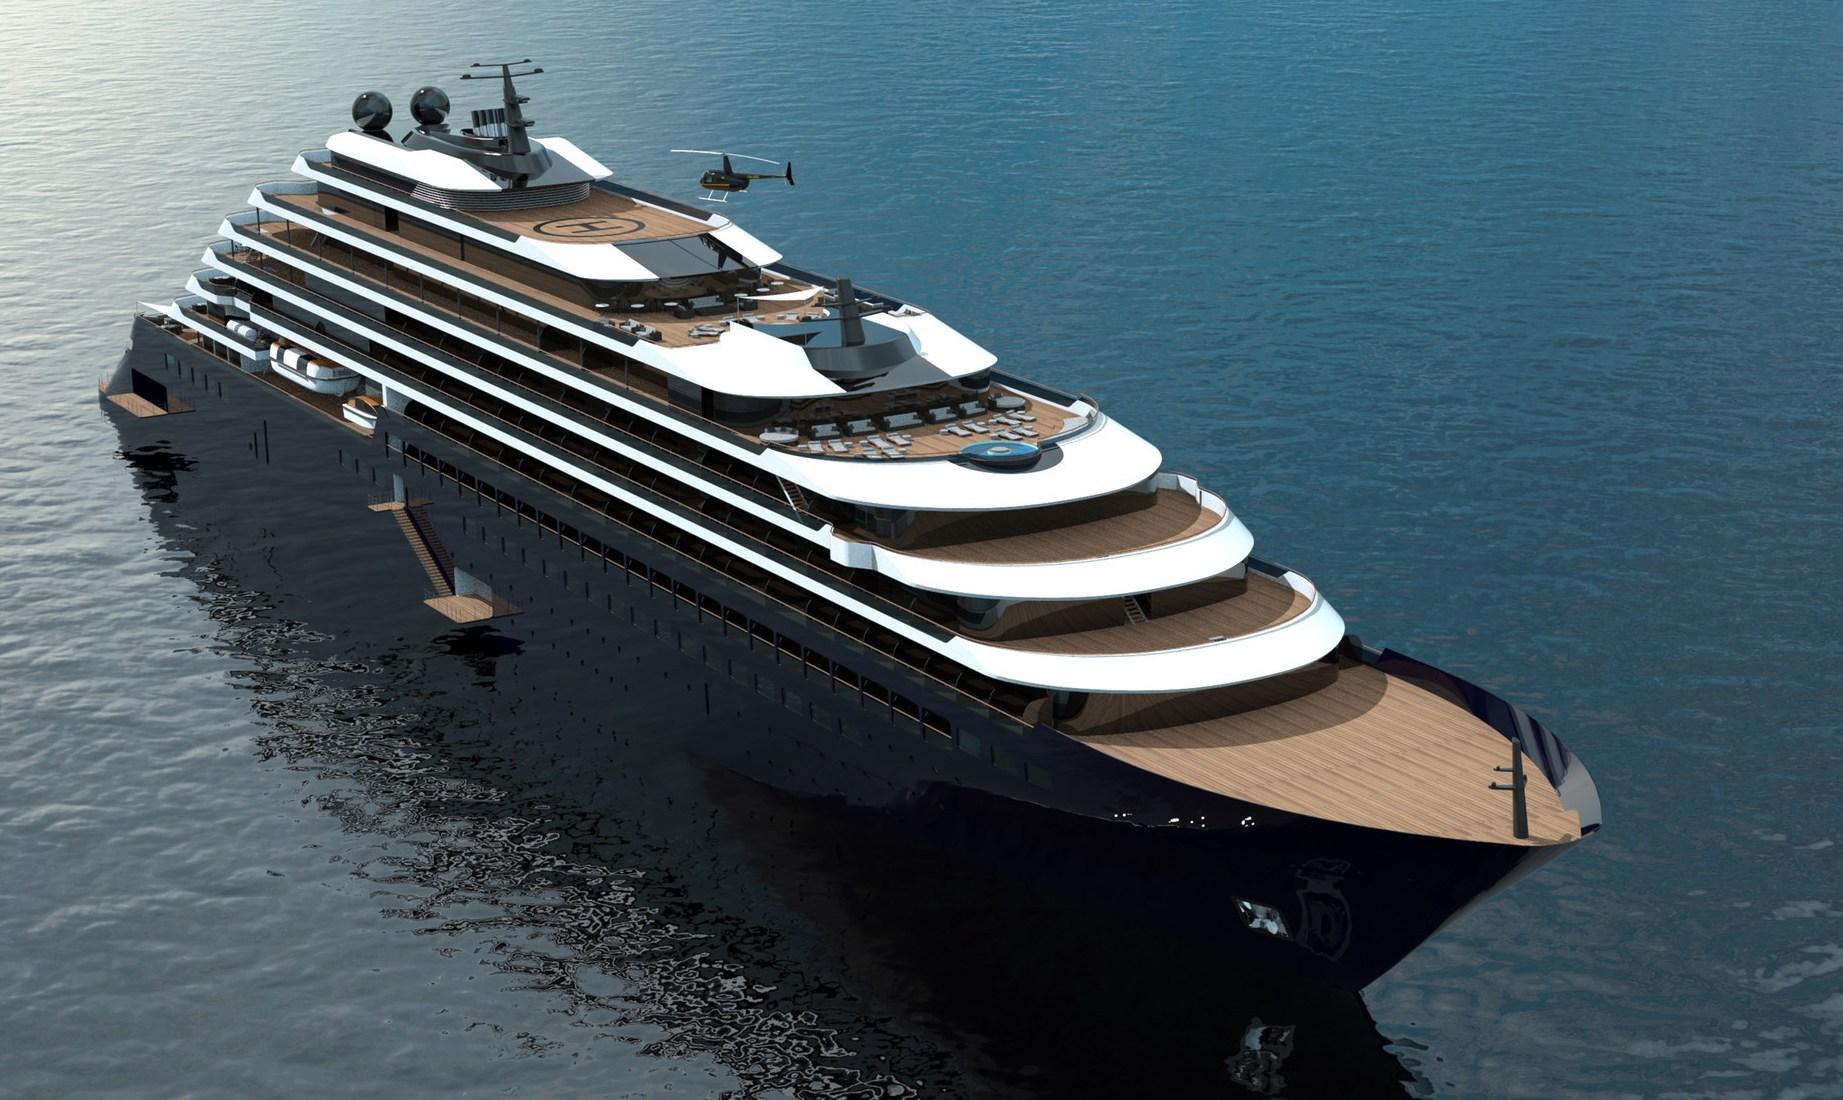 Det første superluksus-krydstogtskib til Ritz-Carlton Yacht Collection er blevet mindst fire måneder forsinket – skal efter planen blandt andet besøge Københavns Havn næste år. Illustration: Ritz-Carlton Yacht Collection.